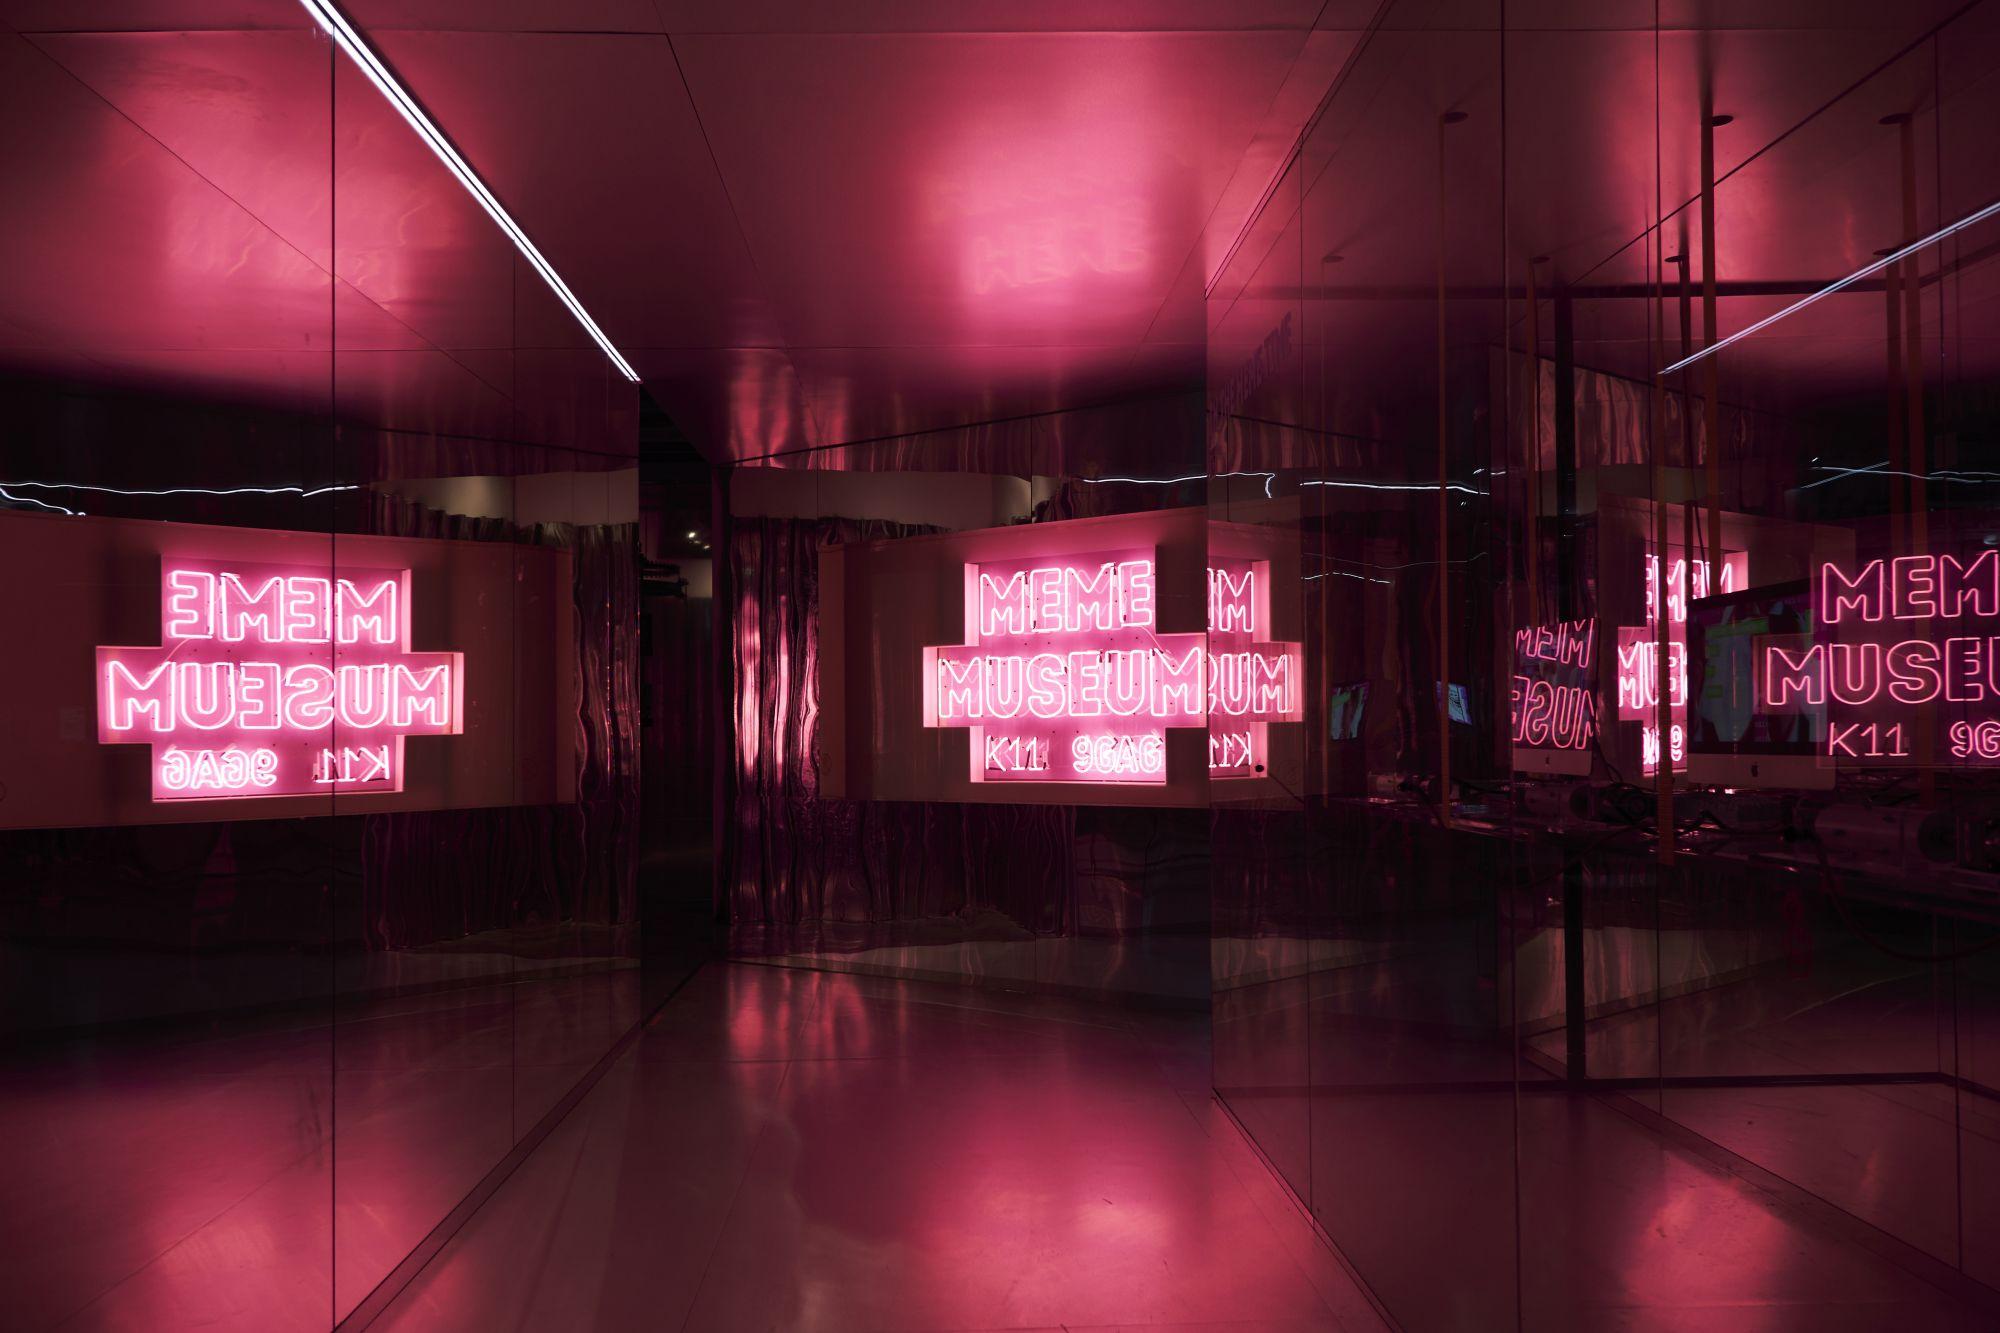 K11 Art Mall x 9GAG's New Meme Museum Opens In Hong Kong